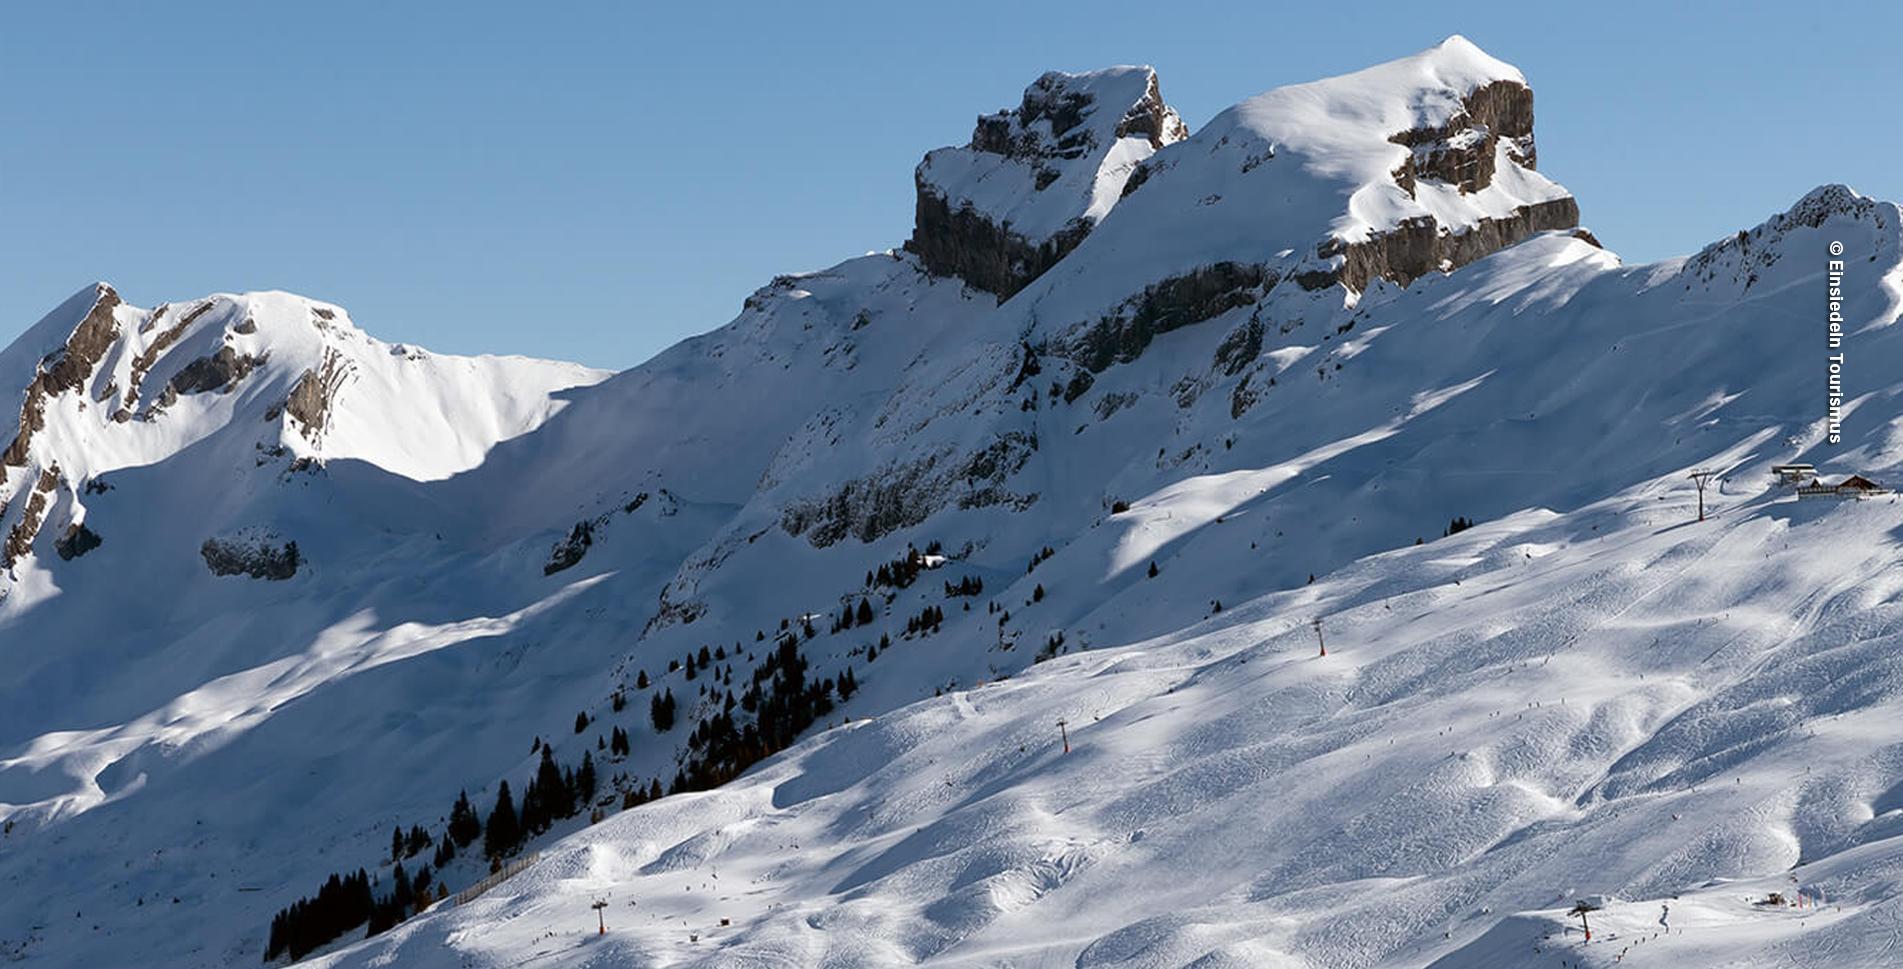 Winterwanderung Hoch-Ybrig von Laucheren (Oberiberg) Steinboden via Fuederegg zum Seeblisee und Seebli